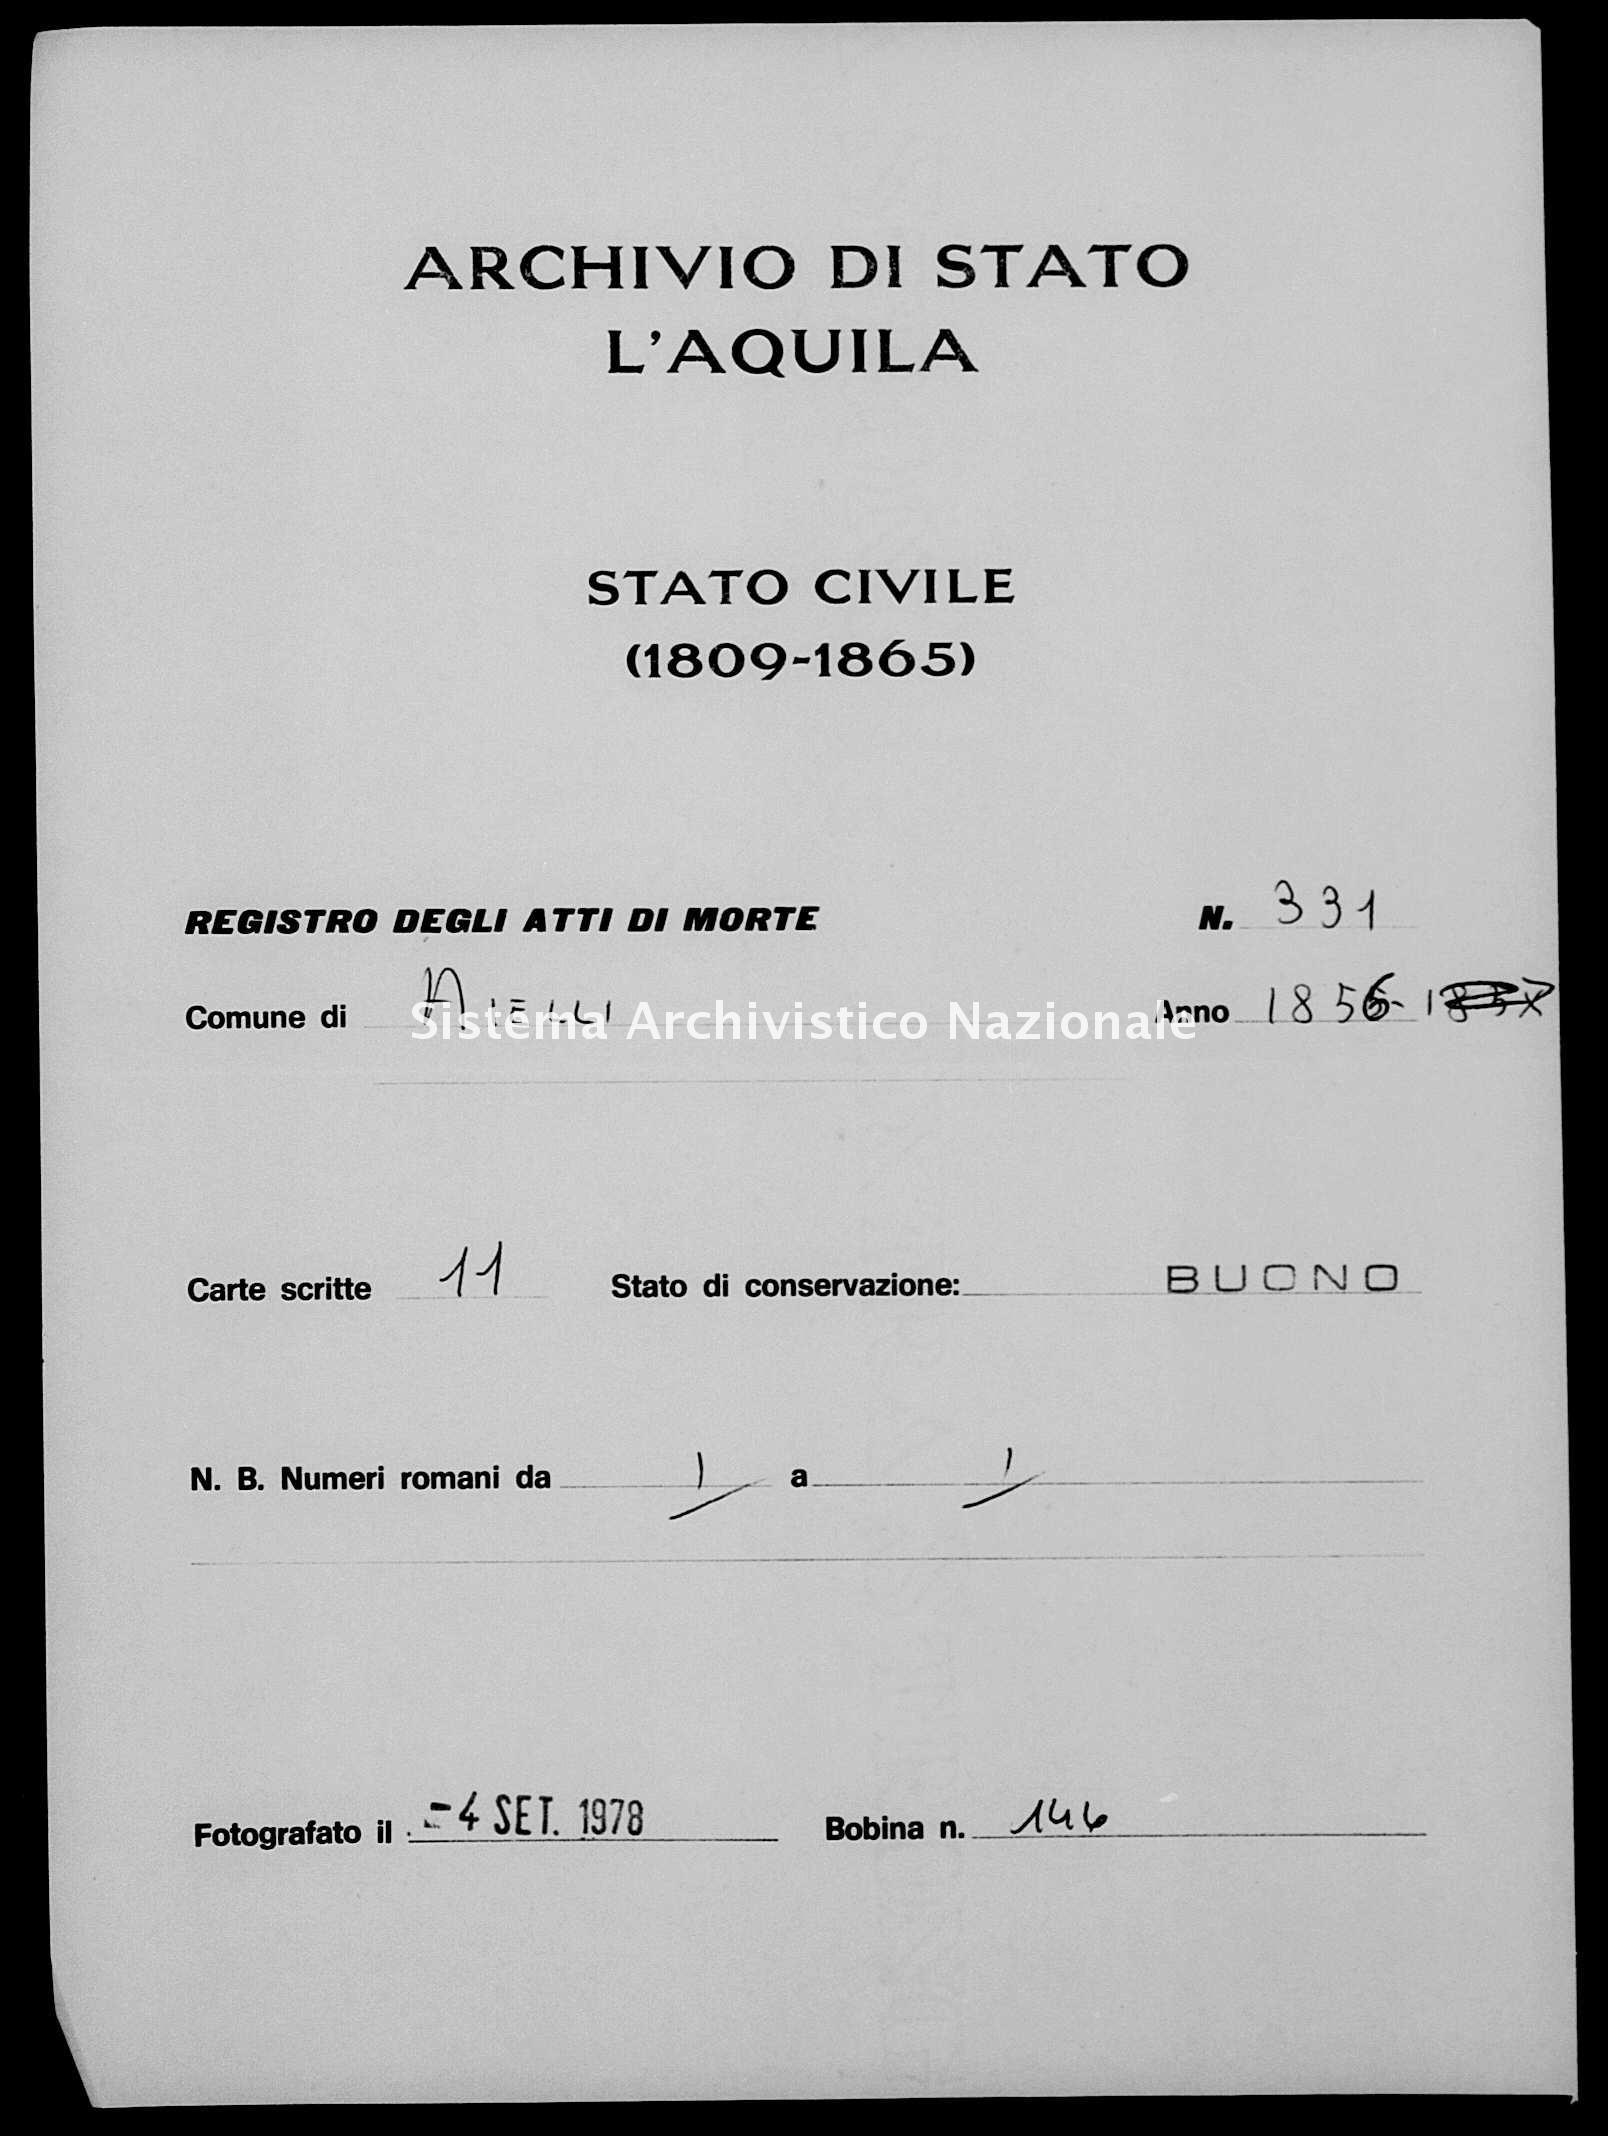 Archivio di stato di L'aquila - Stato civile della restaurazione - Aielli - Morti - 1856 - 331 -